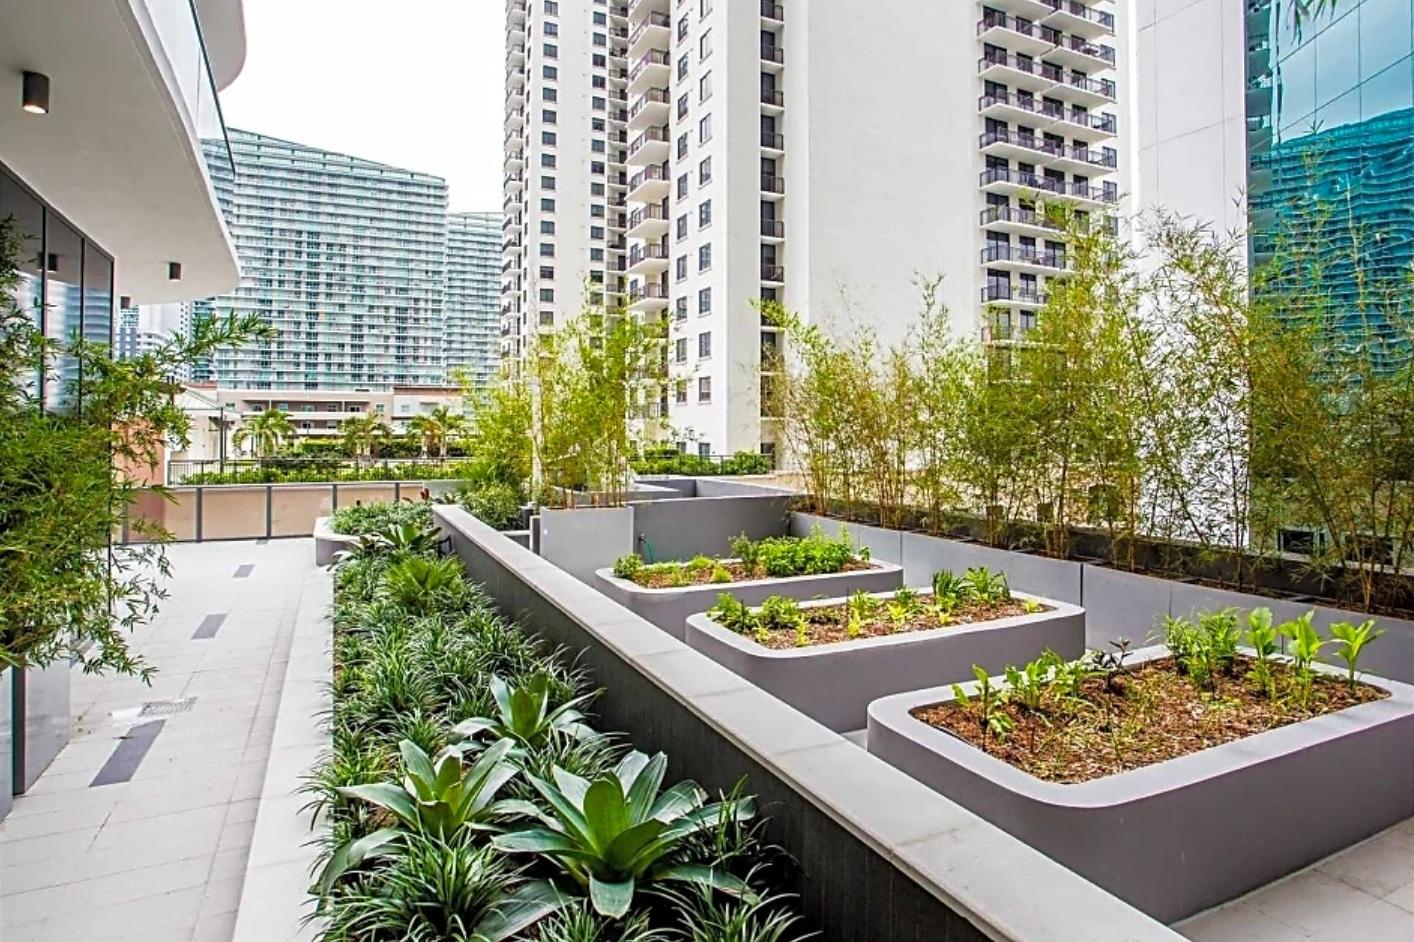 Green Space - #wellness #greenspace #garden #zengarden